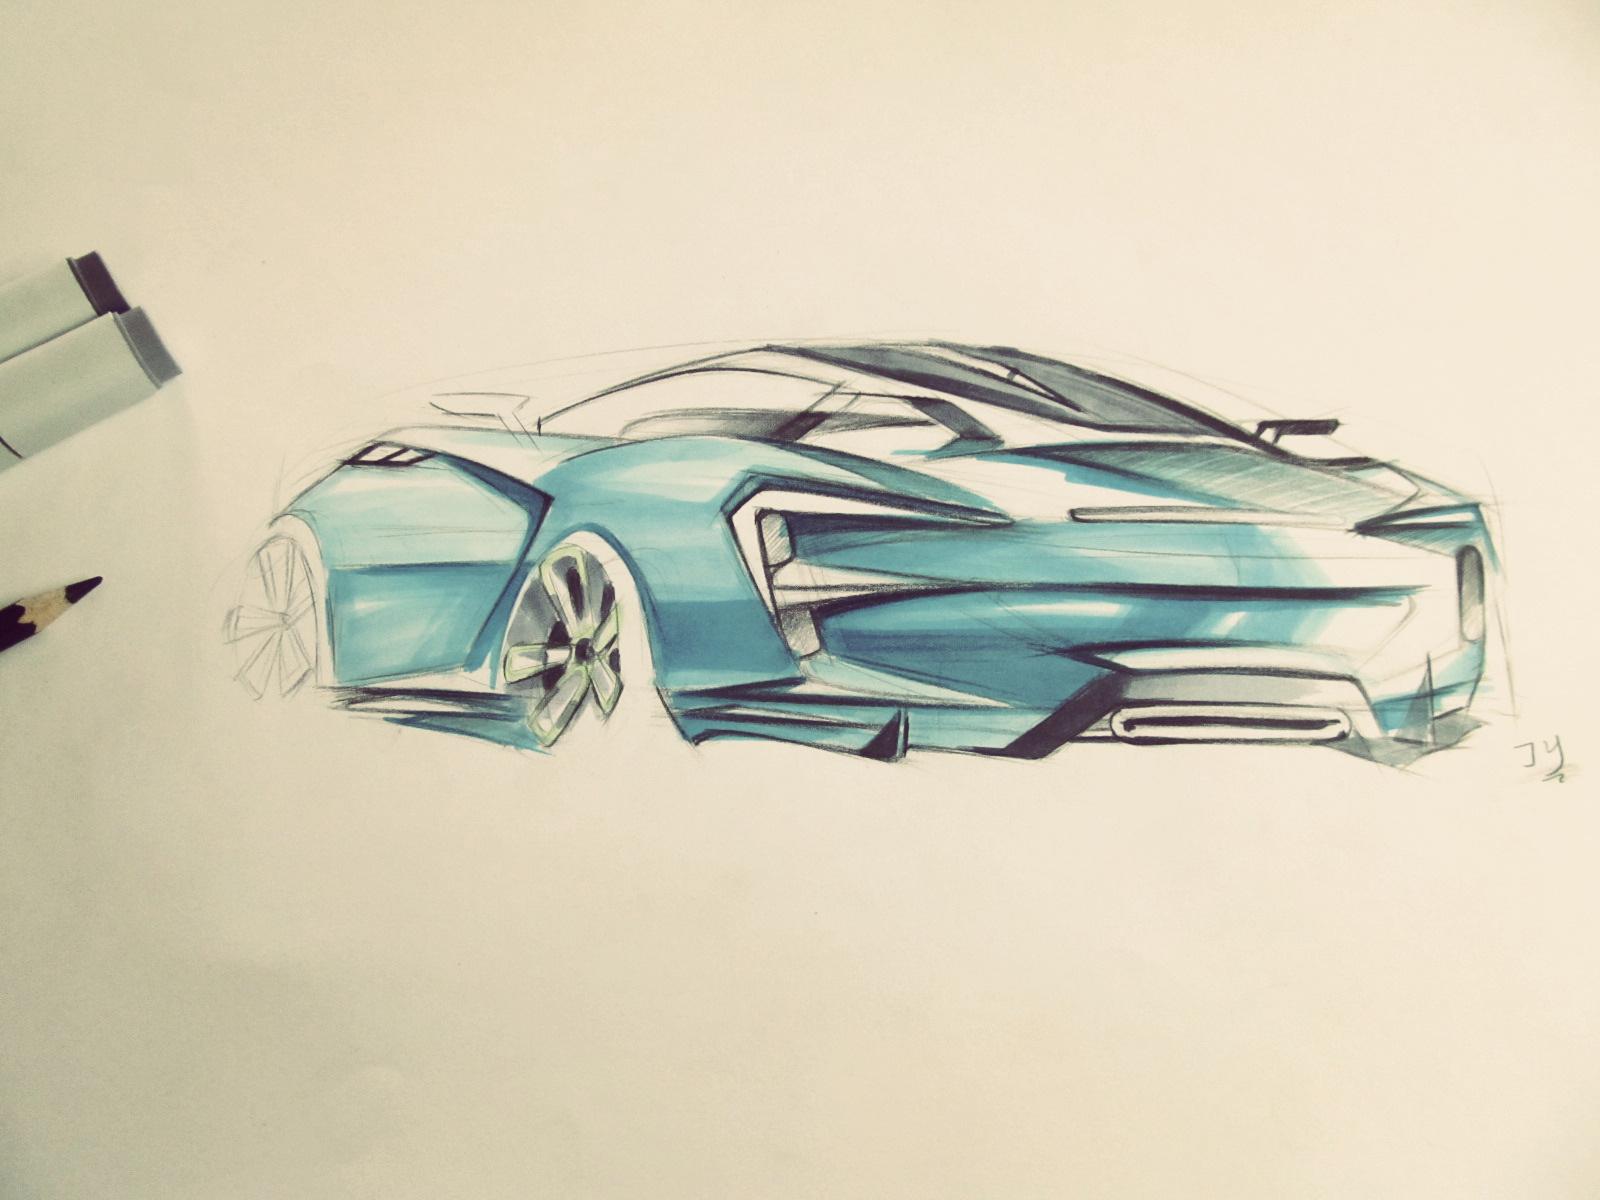 汽车马克笔手绘|工业/产品|交通工具|cheal丶z - 原创